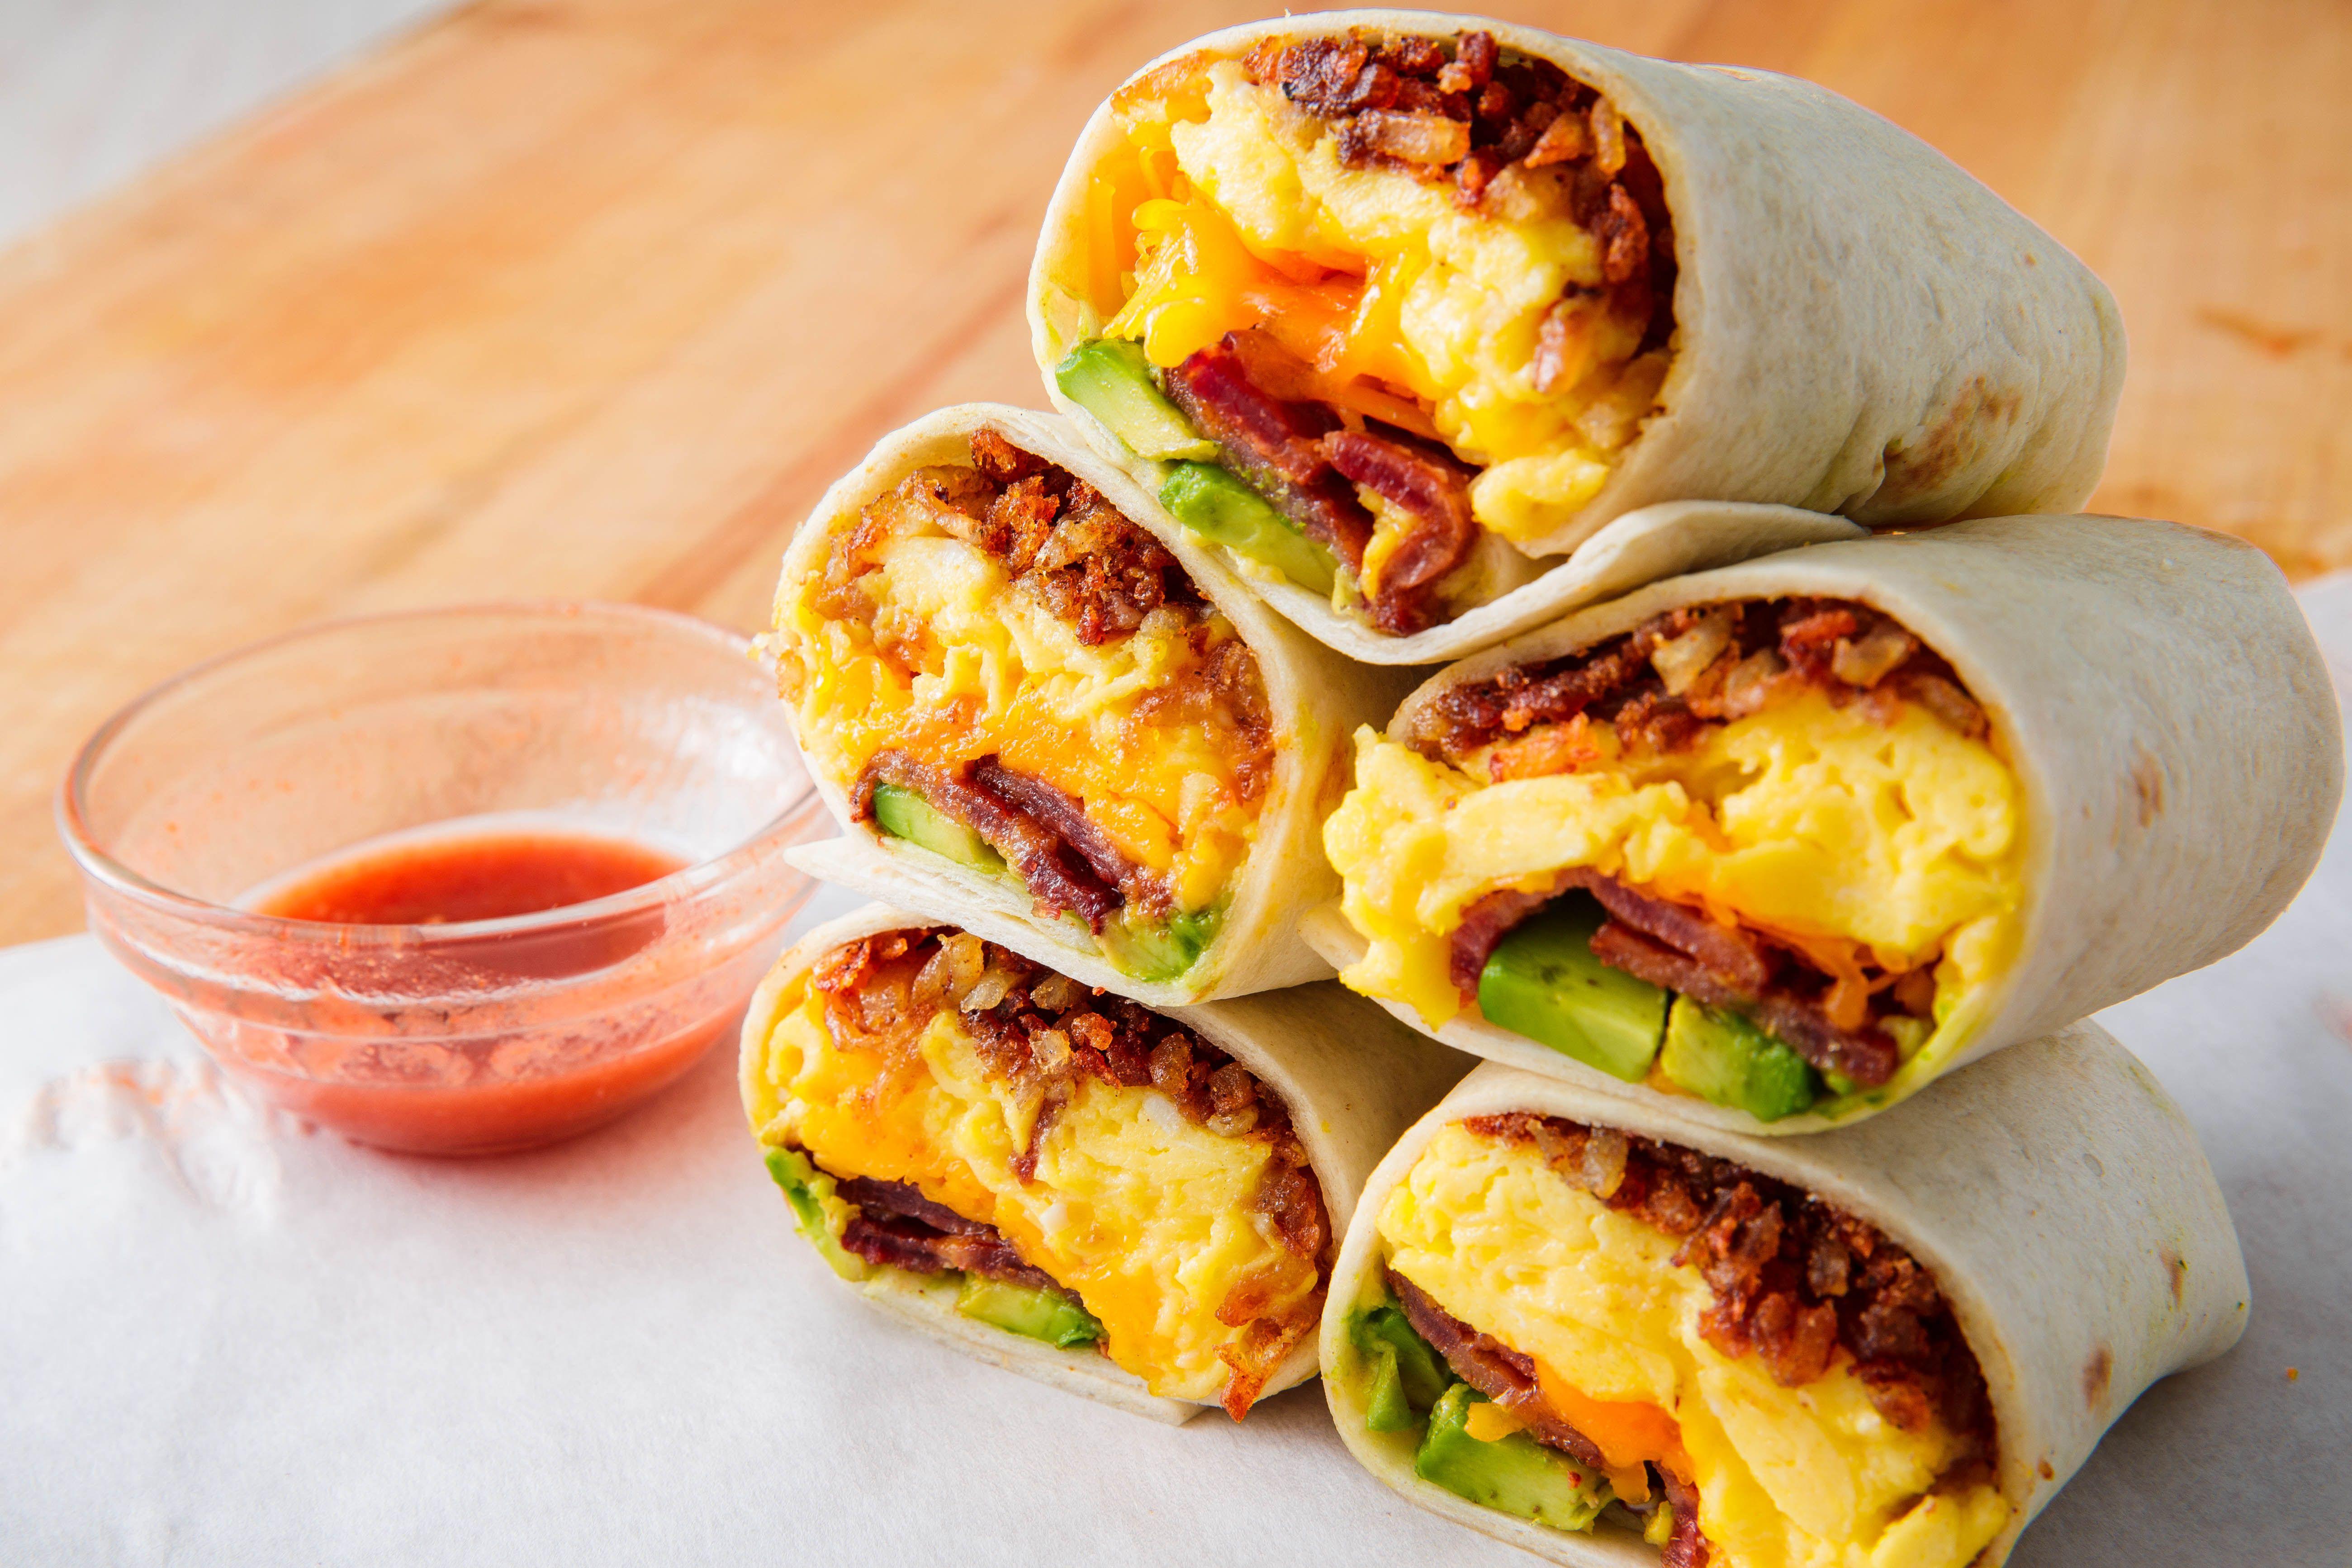 Cheesy Bacon Breakfast Burrito